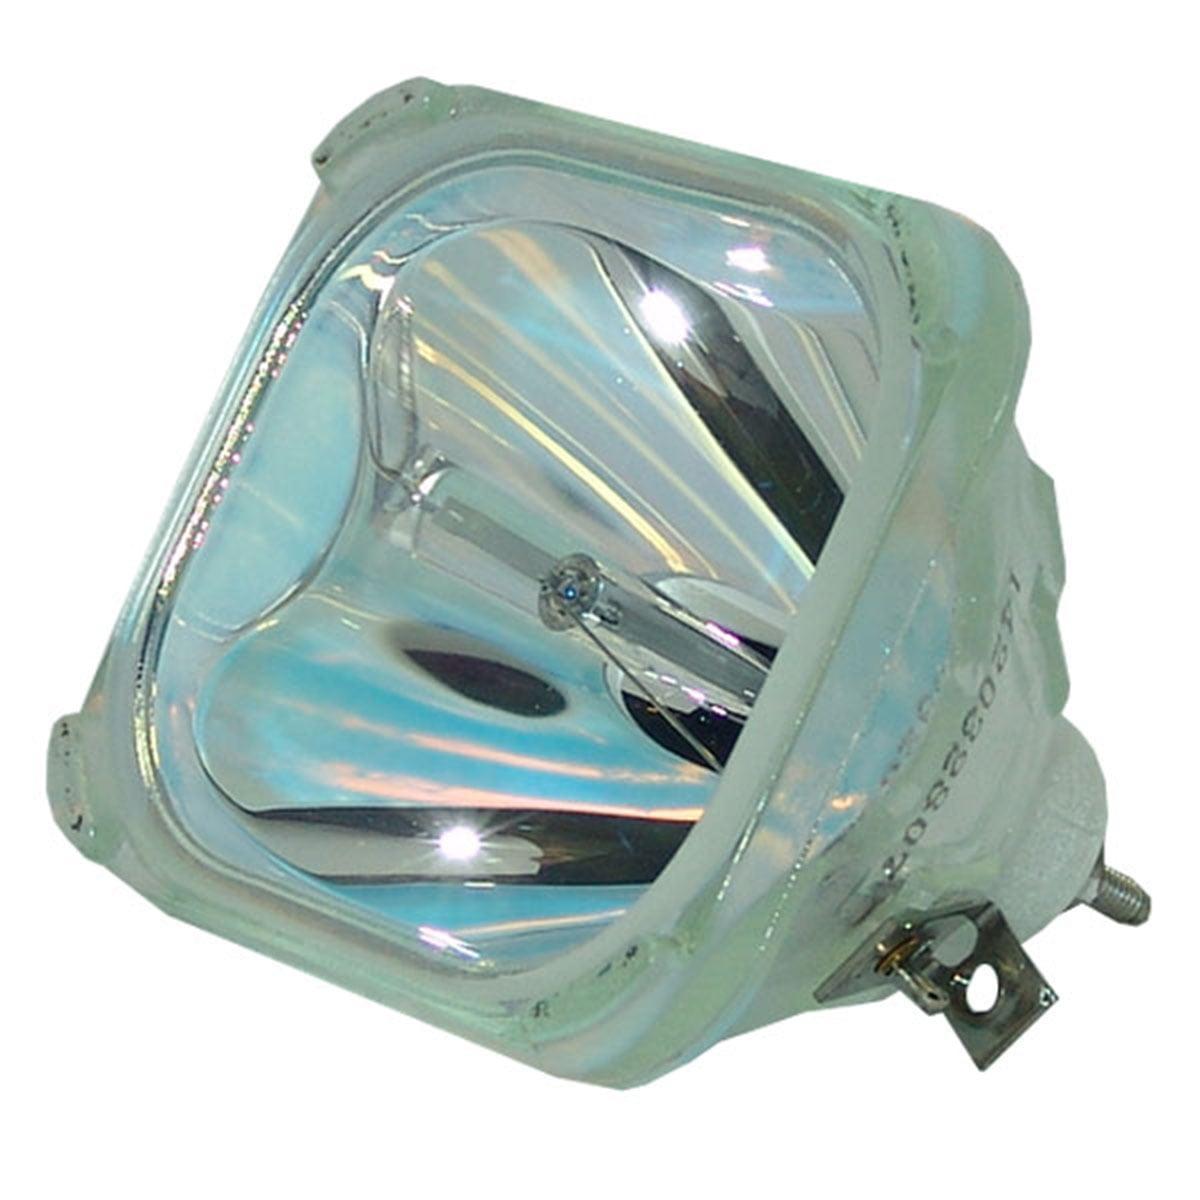 Philips Bare Lamp For Sony VPL-X1000U / VPLX1000U Project...